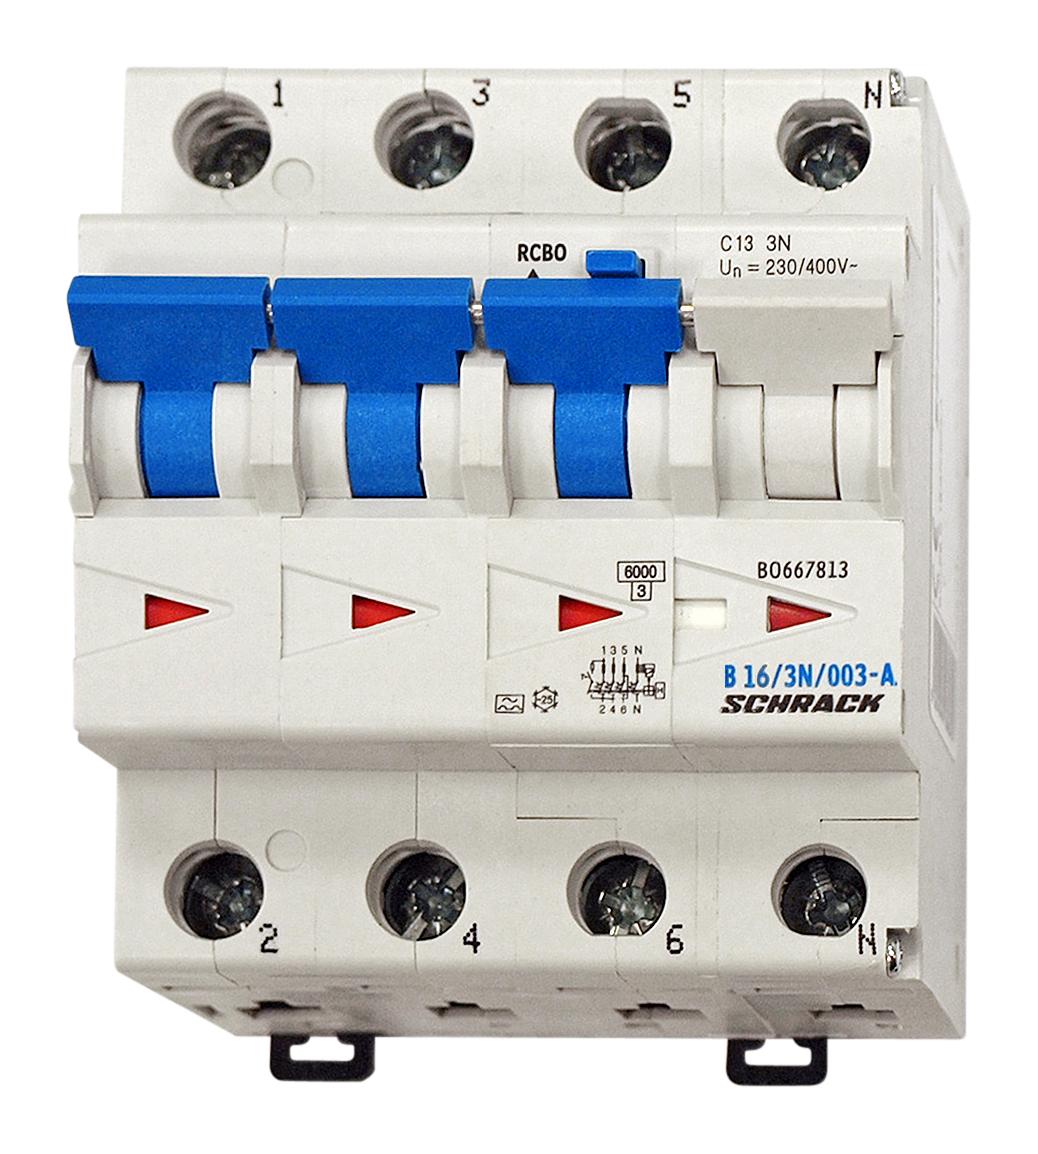 1 Stk LS-FI-Schalter, Kennlinie B, 16A, 30mA, 3-polig+N, Typ A BO668816--